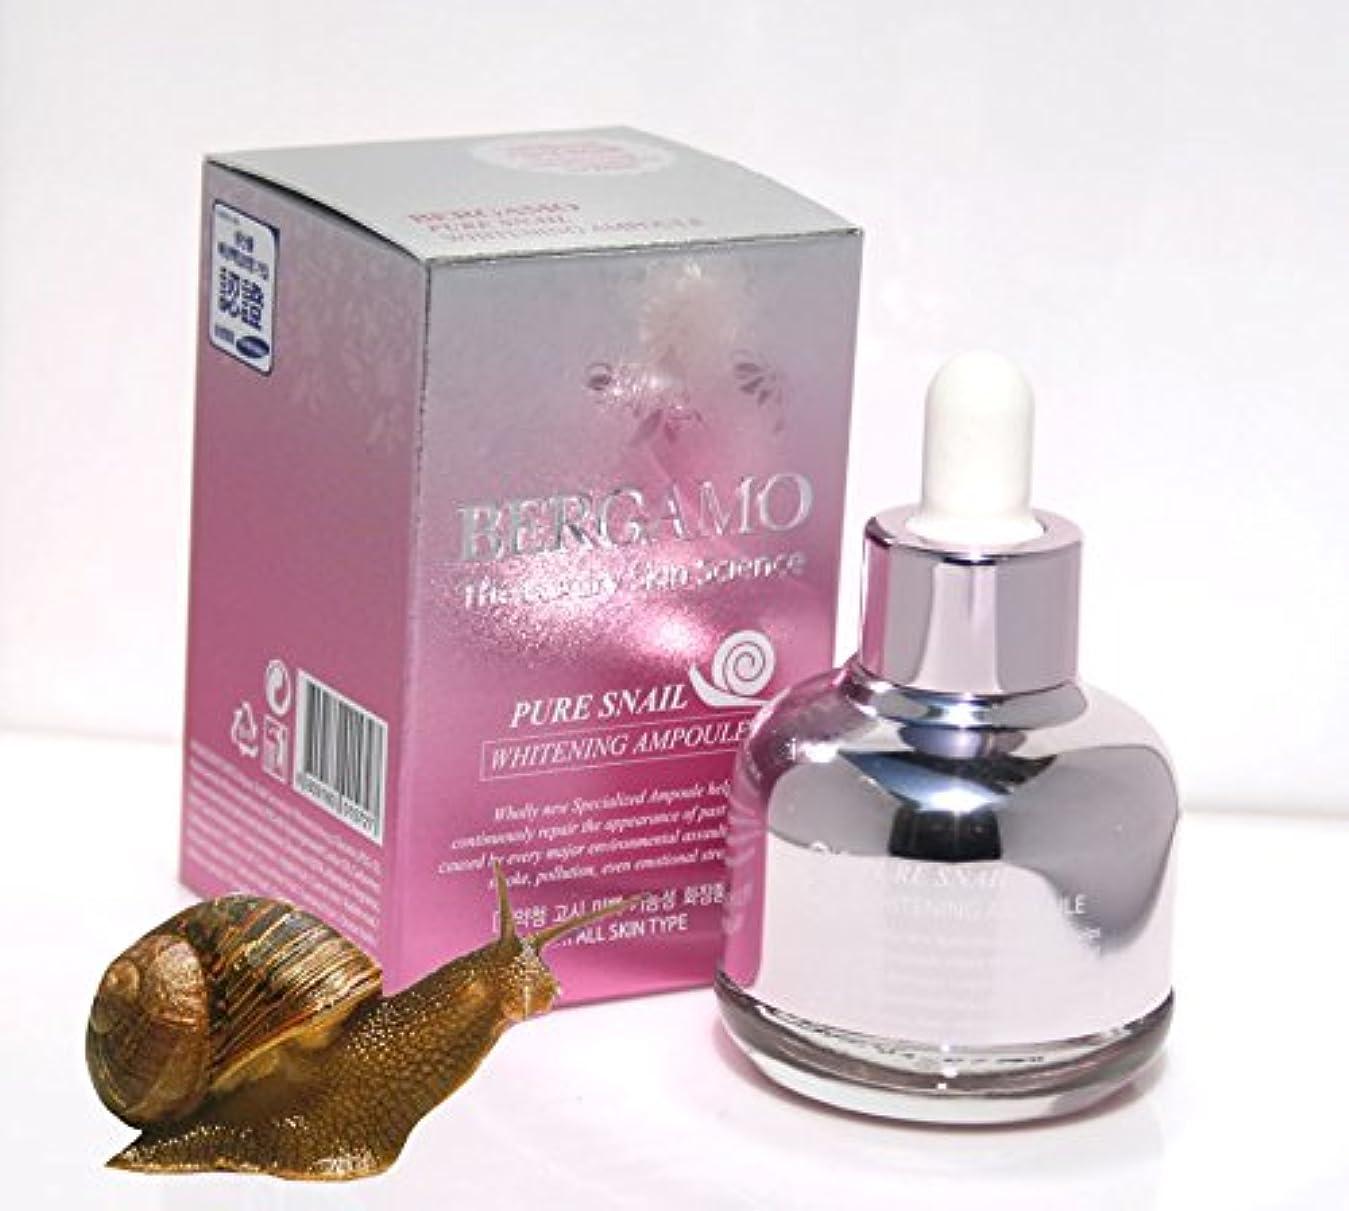 フォアタイプ歯教育【ベルガモ][Bergamo] 高級スキン科学は純粋なカタツムリホワイトニングアンプル30ml / the Luxury Skin Science Pure Snail Whitening Ampoule 30ml / 韓国化粧品 / Korean Cosmetics [並行輸入品]